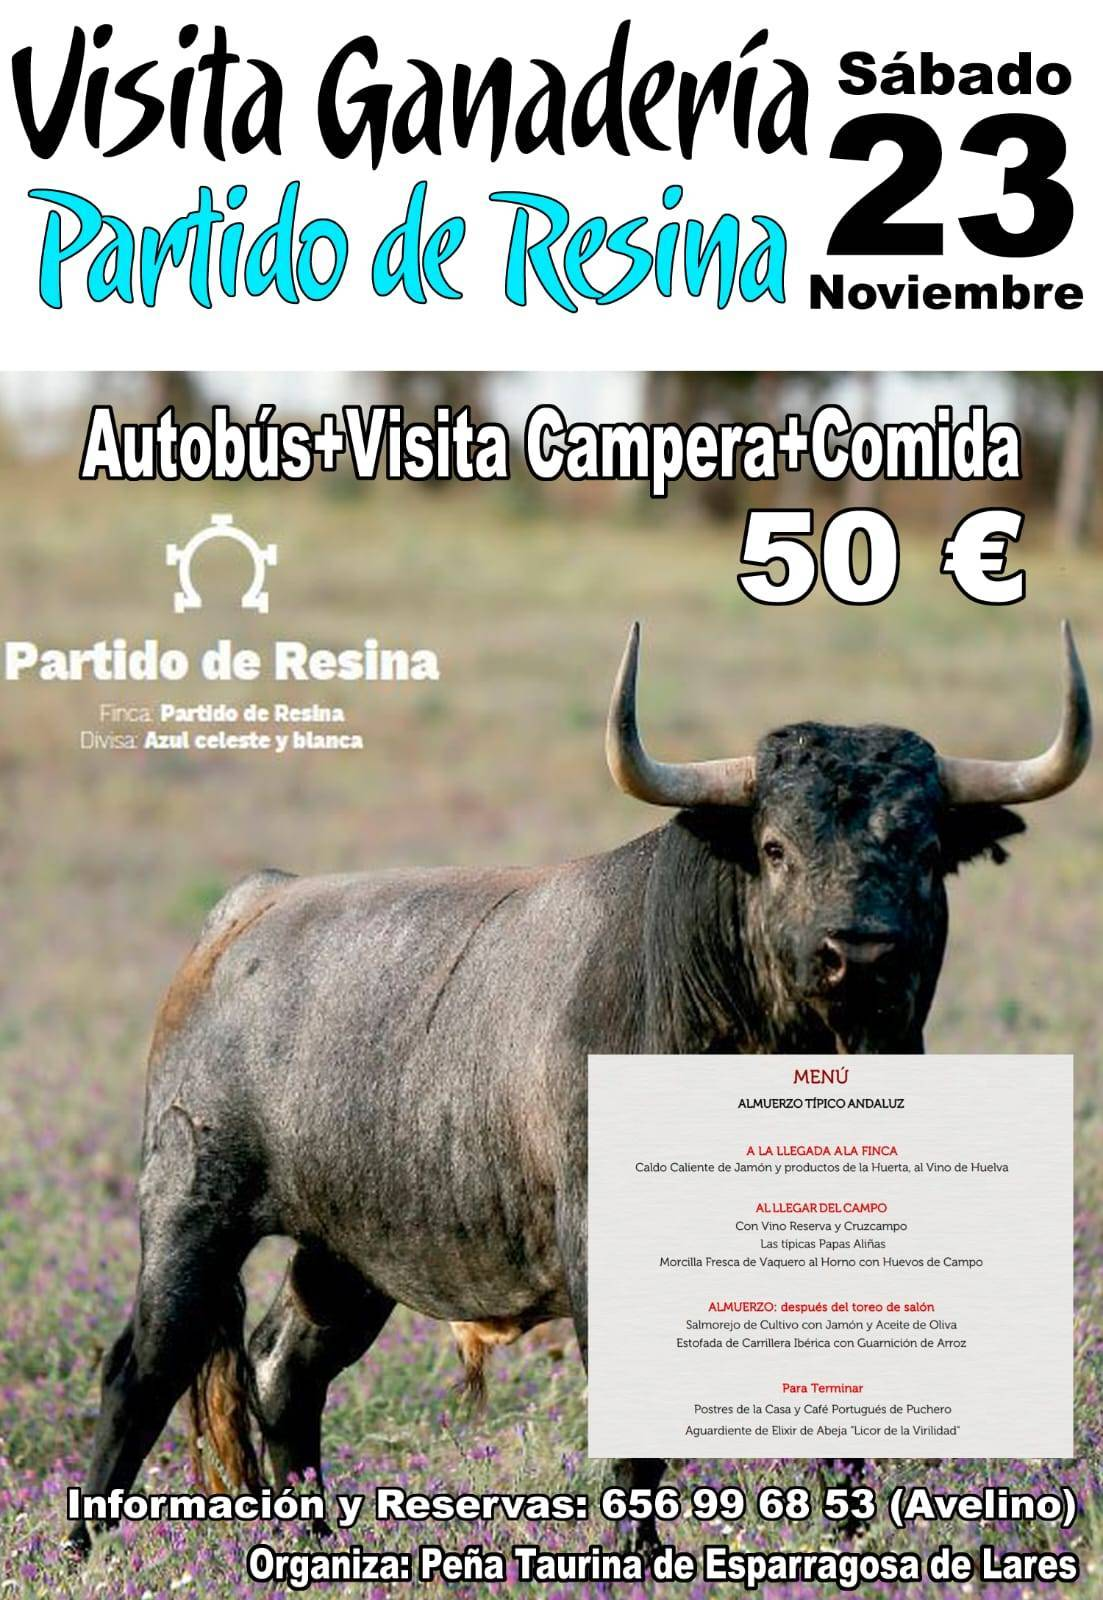 Visita a la ganadería Partido de Resina 2019 - Esparragosa de Lares (Badajoz)